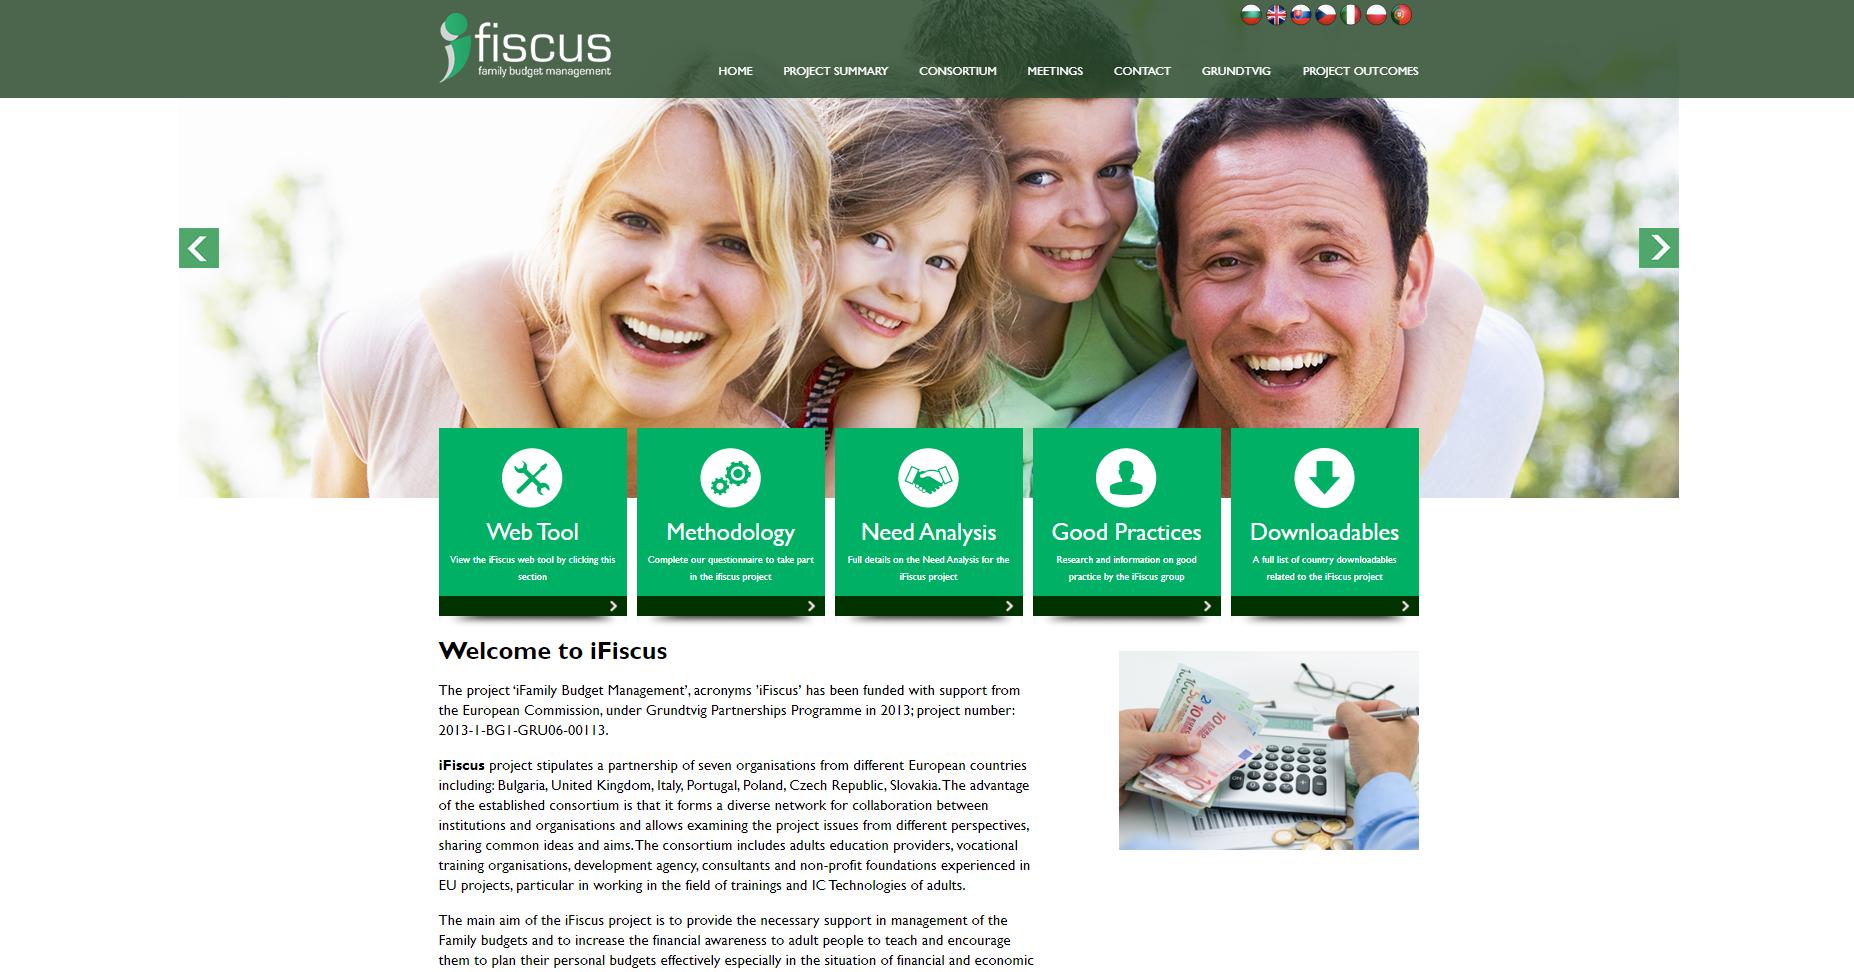 fiscus-02